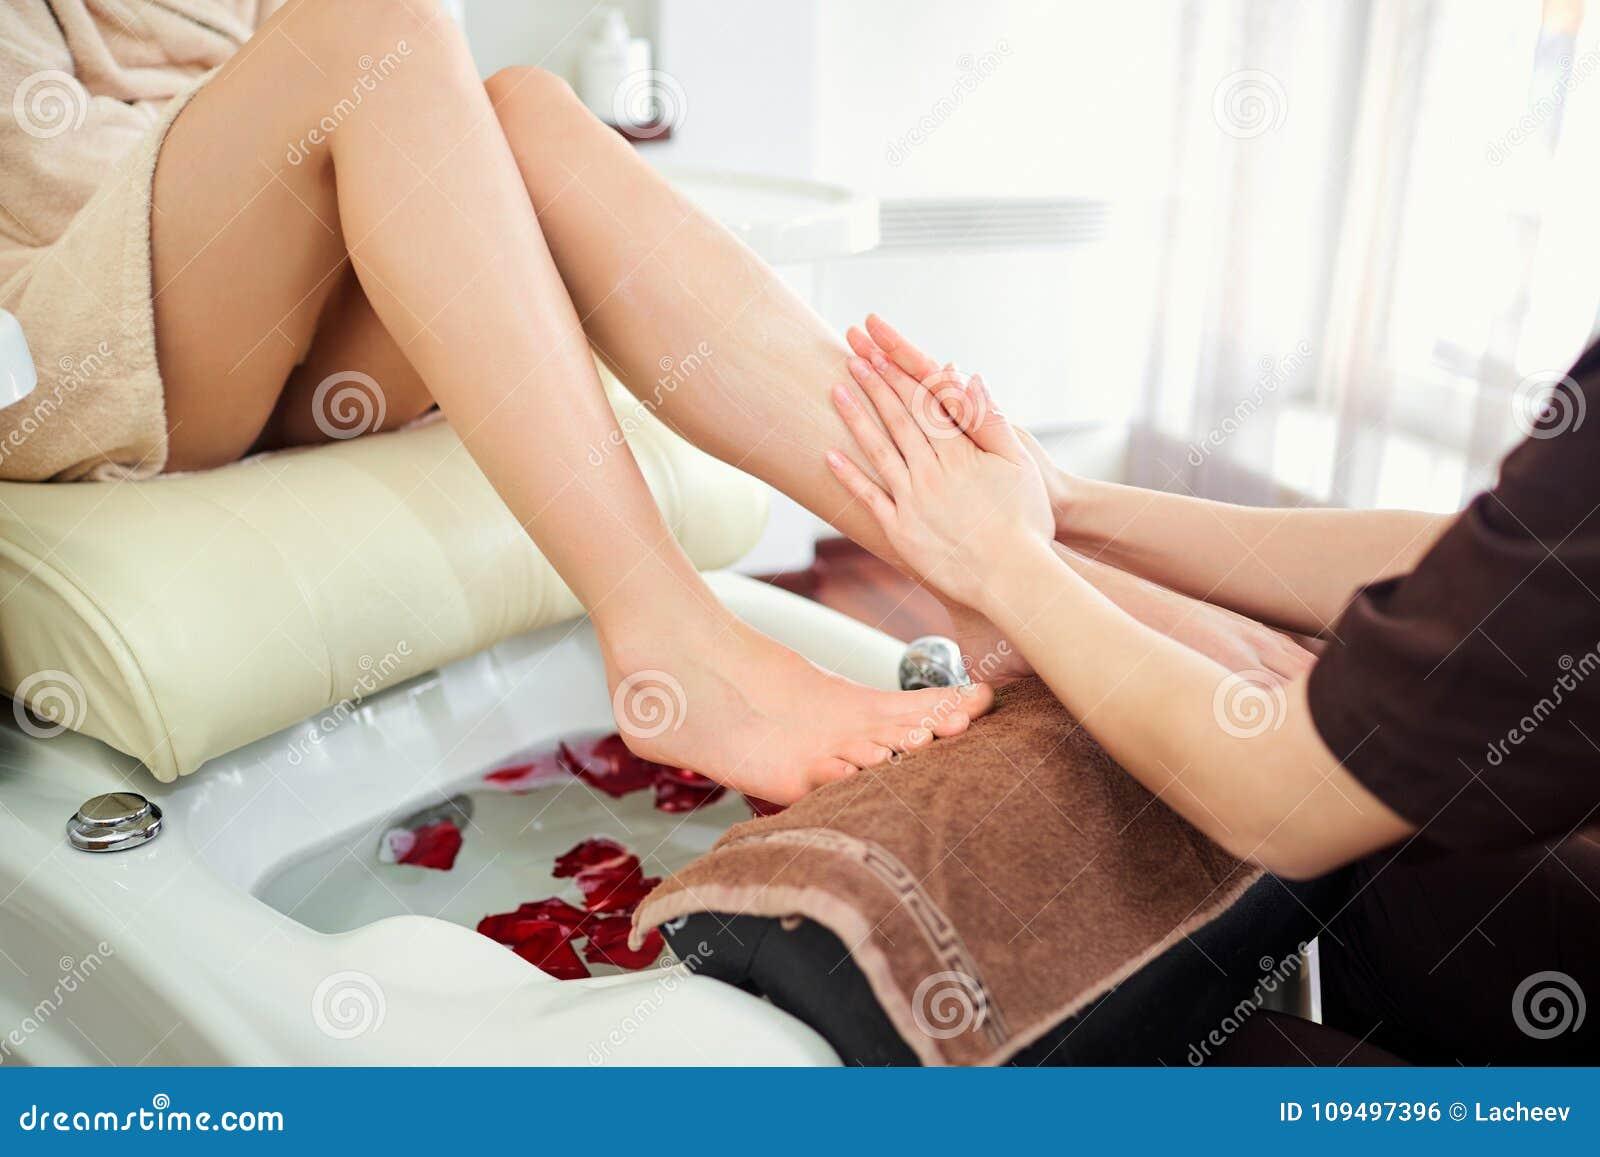 Девушка ногами делает массаж дешевые индивидуалки в москве с выездом